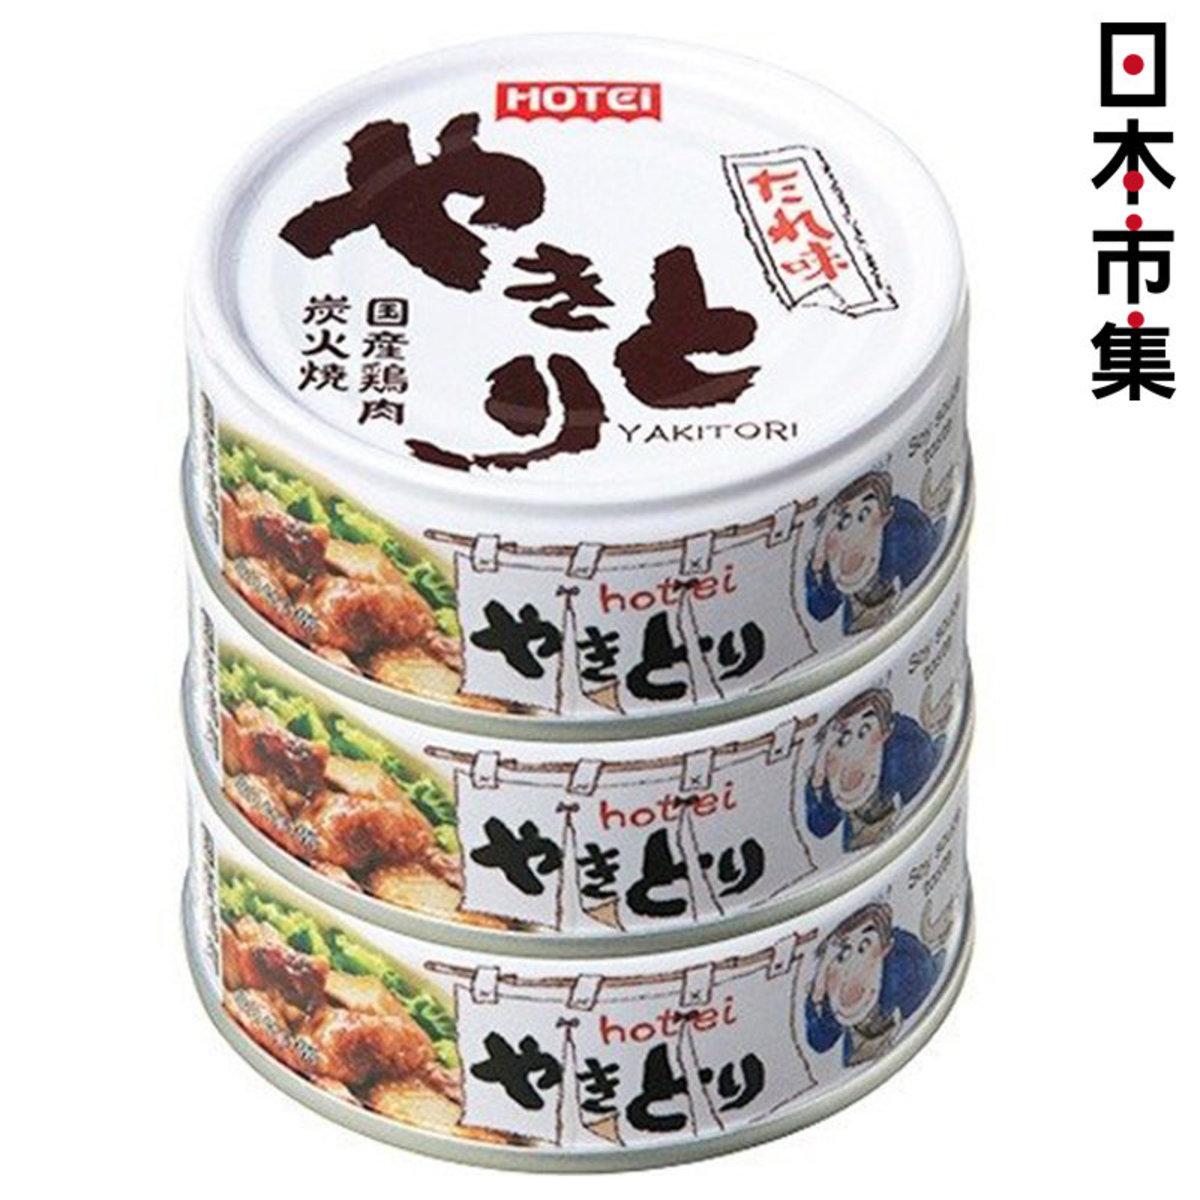 日版Yakitori 燒烤味炭火燒雞肉罐頭 75g (3罐裝)【市集世界 - MOAN】